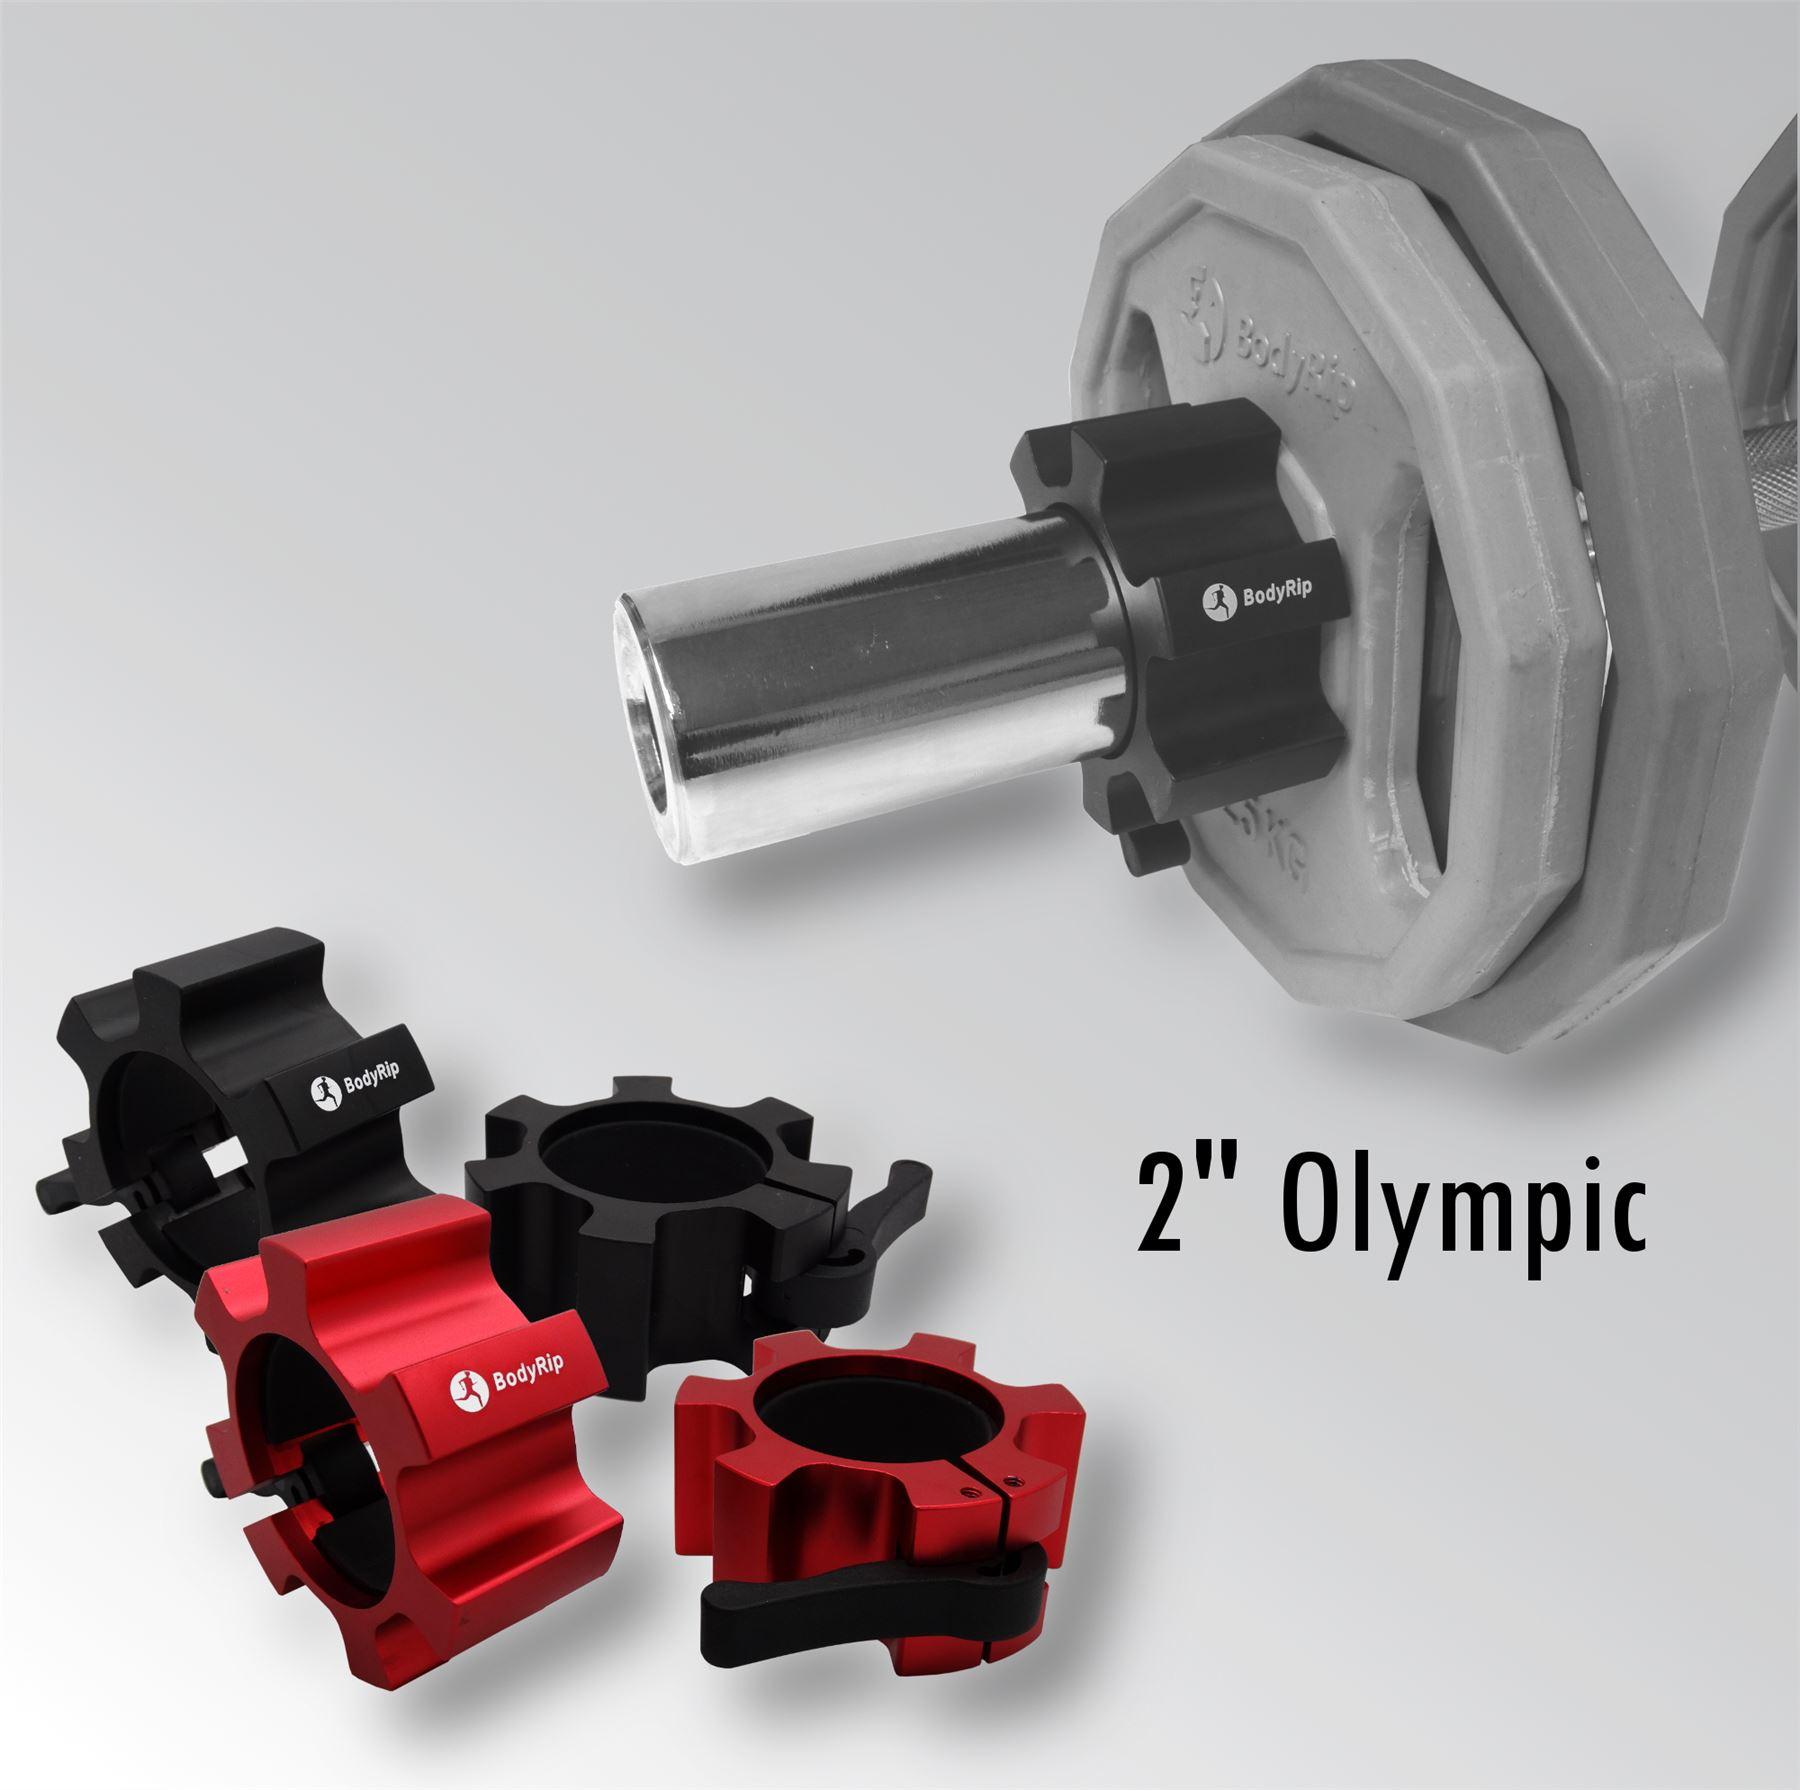 bodyrip olympische 2 stern kragen hantel klemmen aluminium schl sser paar ebay. Black Bedroom Furniture Sets. Home Design Ideas